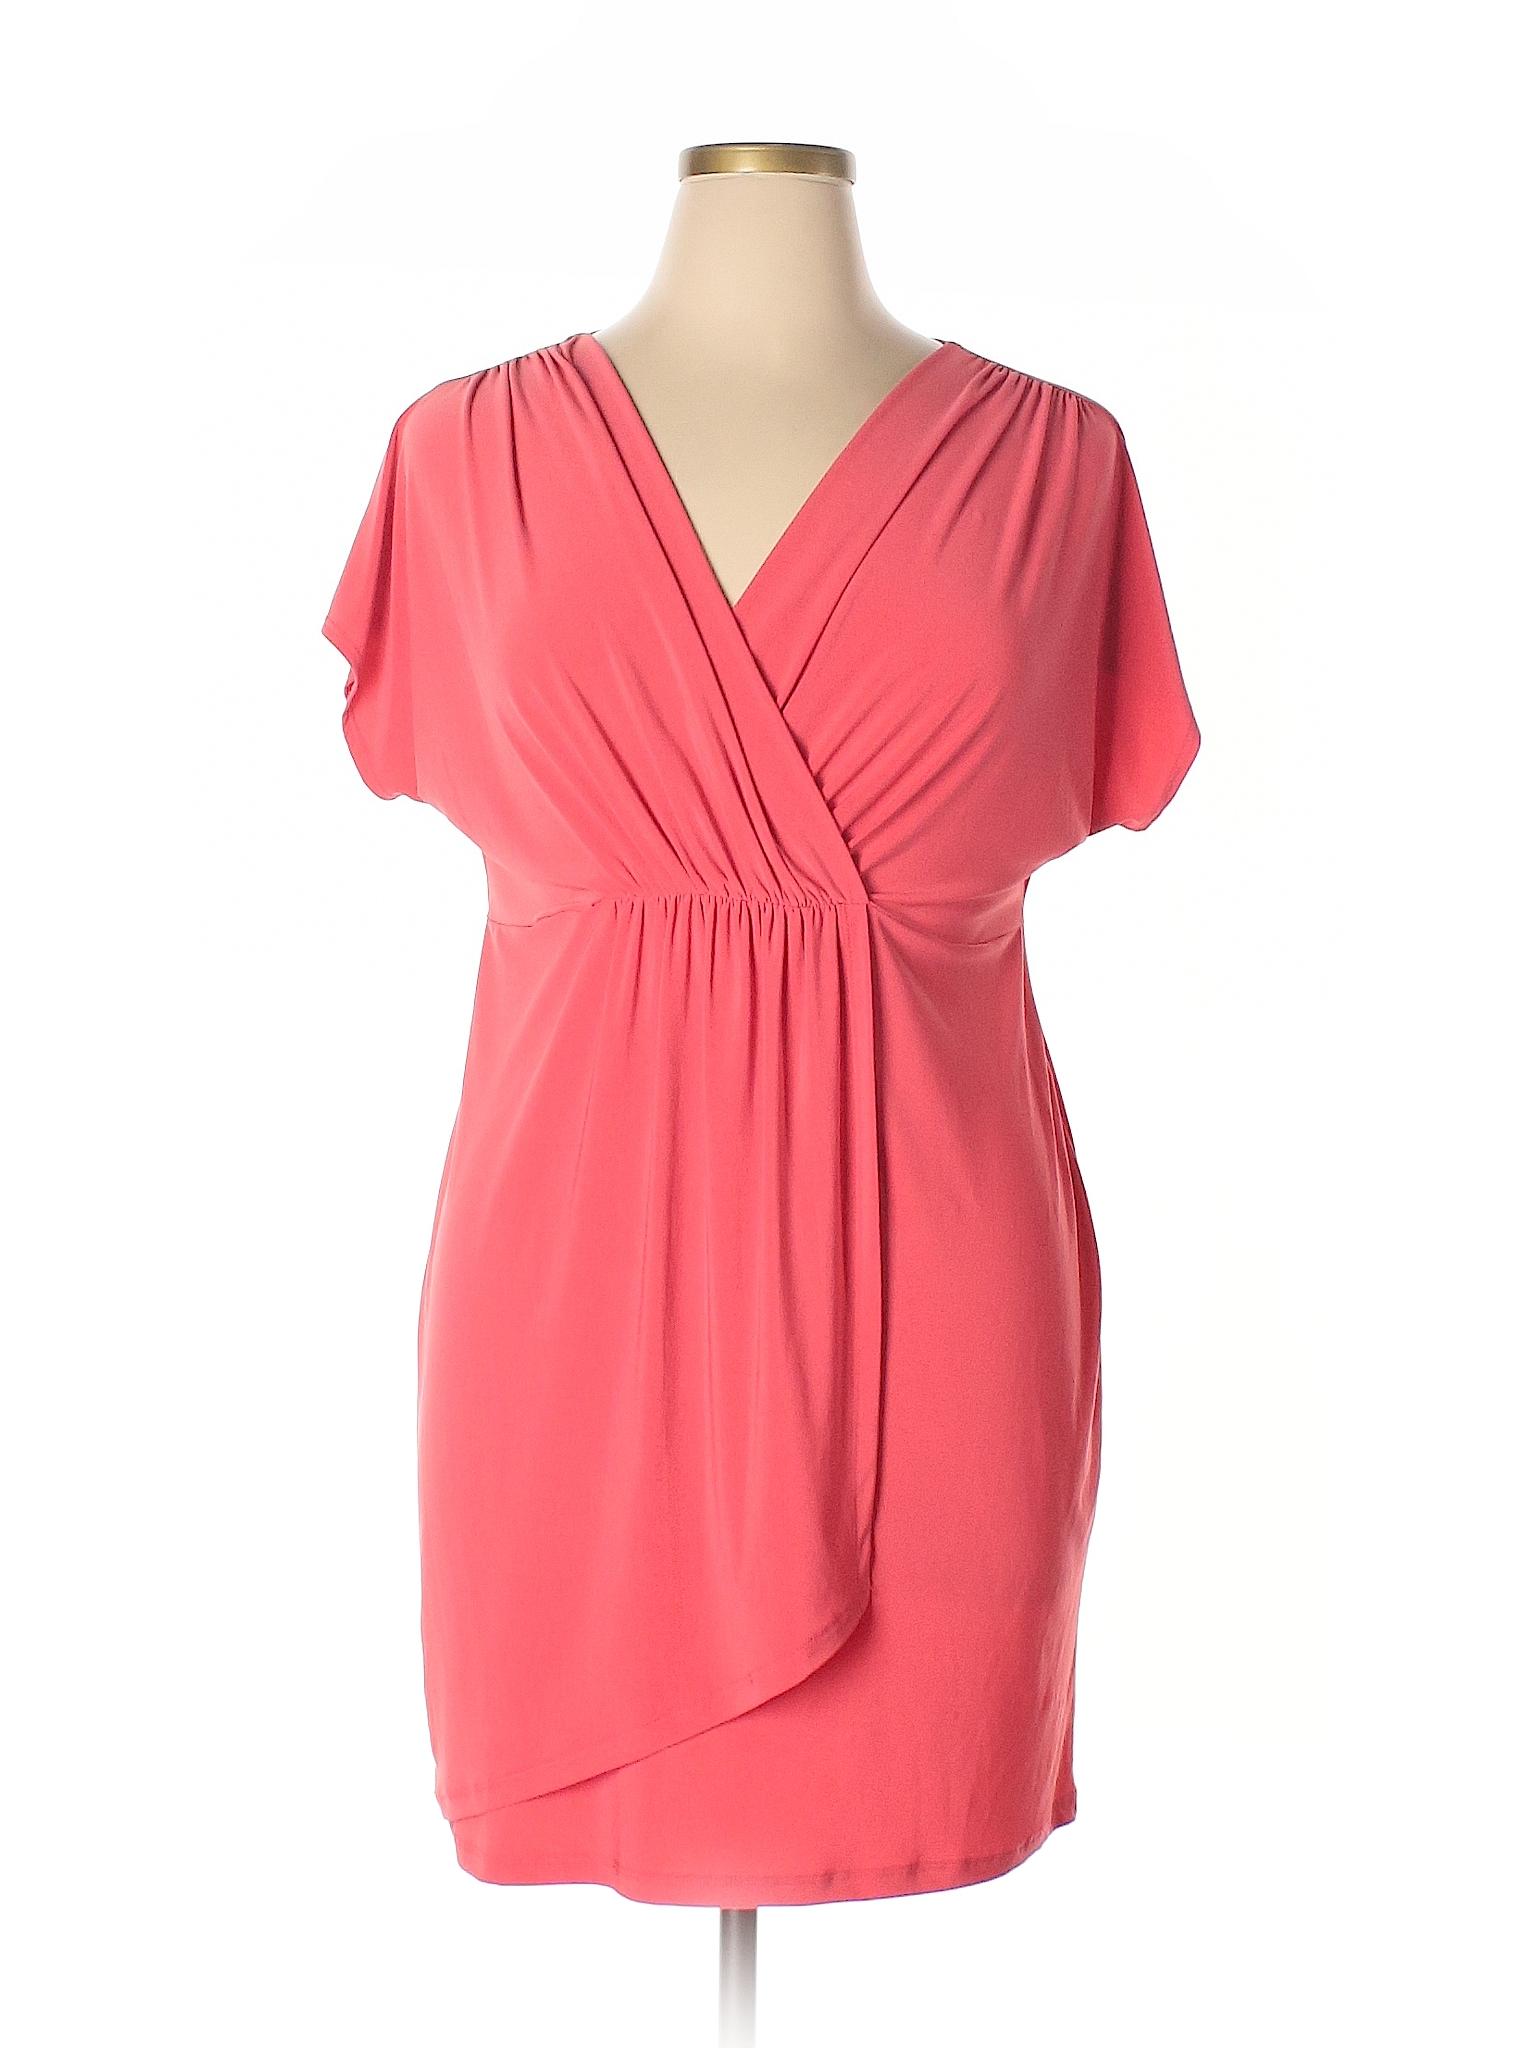 Clara winter Boutique Dress Sun Woo Casual wAqdSq5